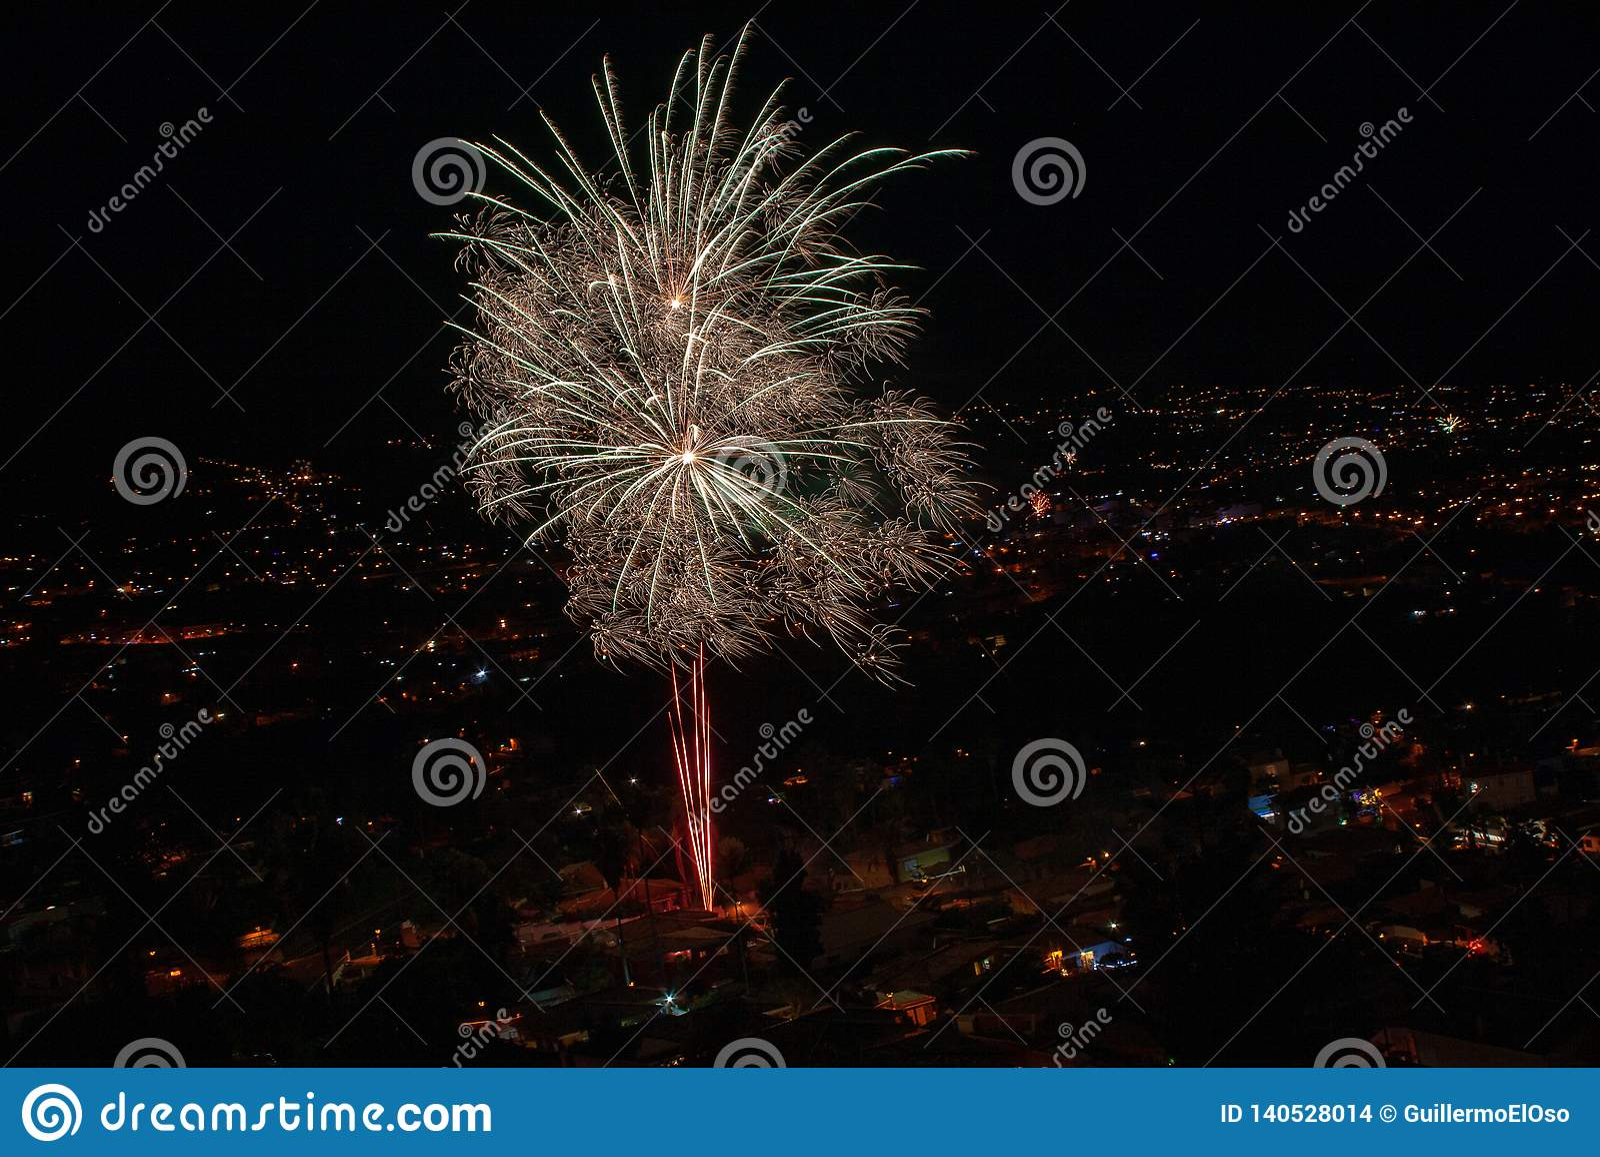 Μεγάλα πυροτεχνήματα πέρα από μια πόλη τή νύχτα